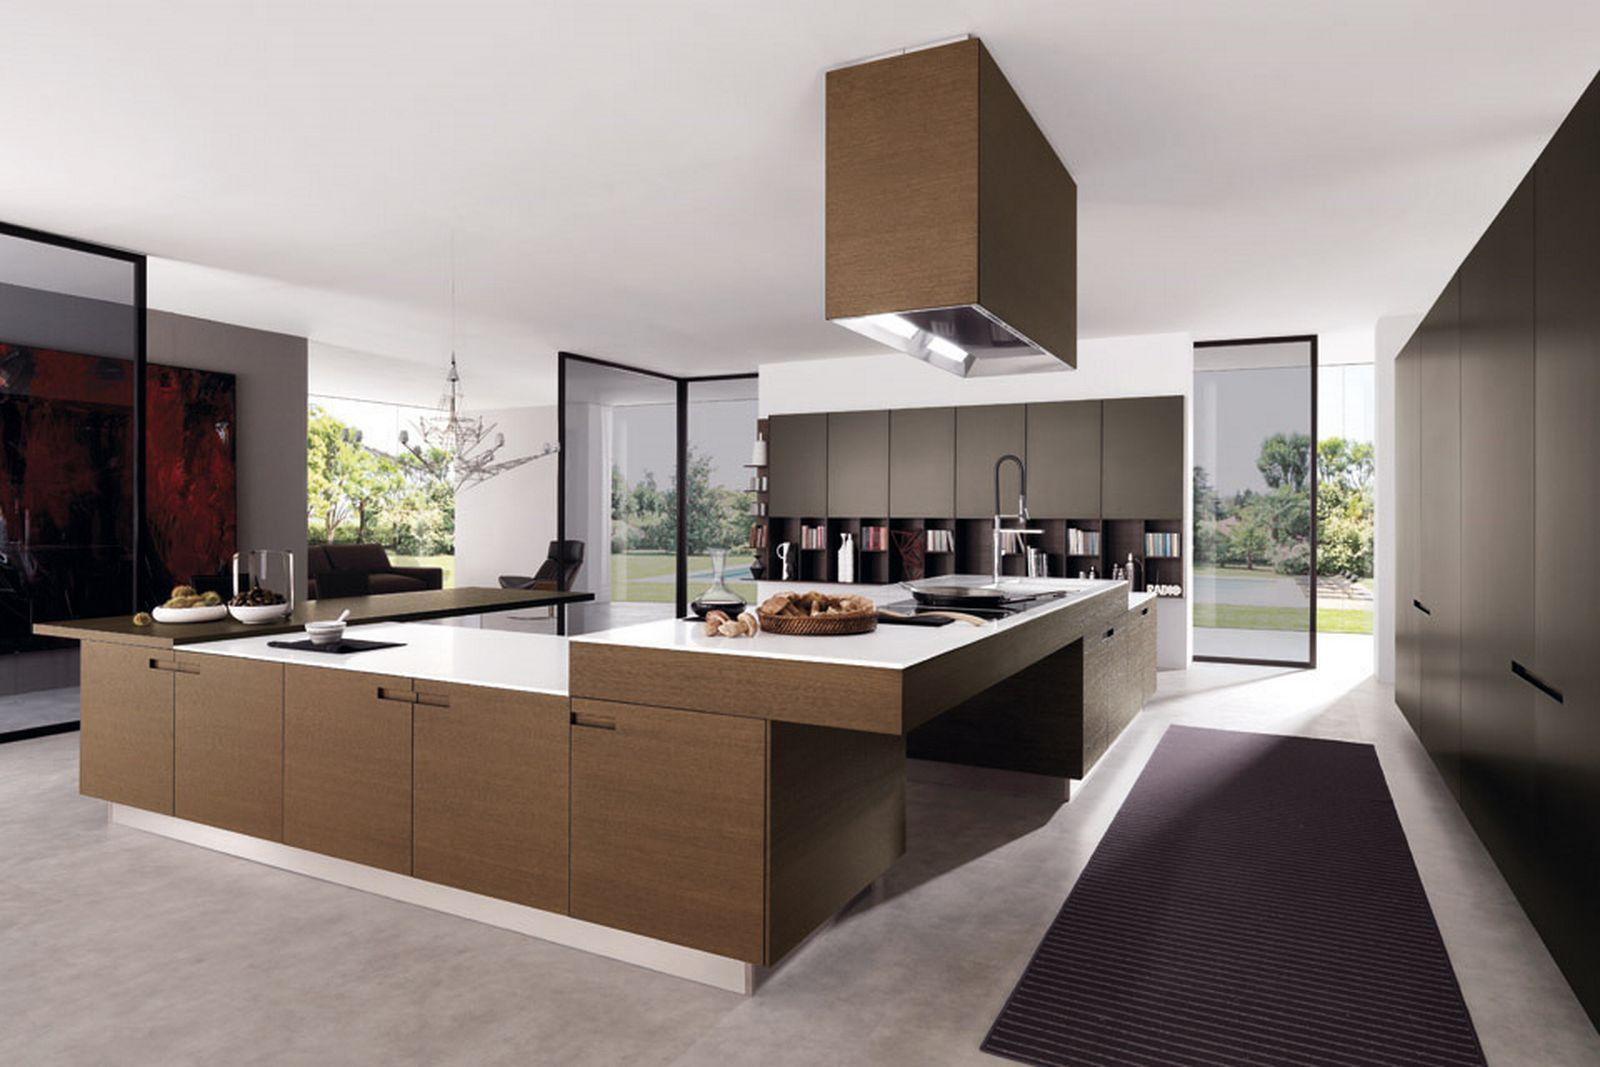 cute-modern-kitchen-on-kitchens-with-classic-modern-kitchen-design